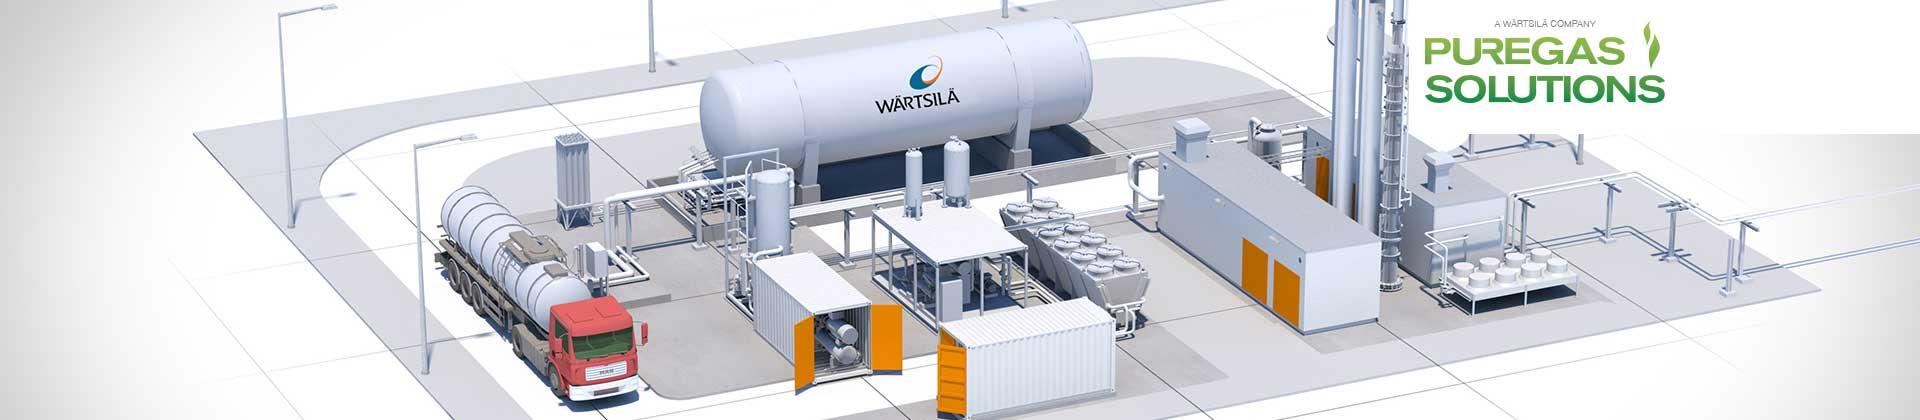 Puregas Solutions acquisition